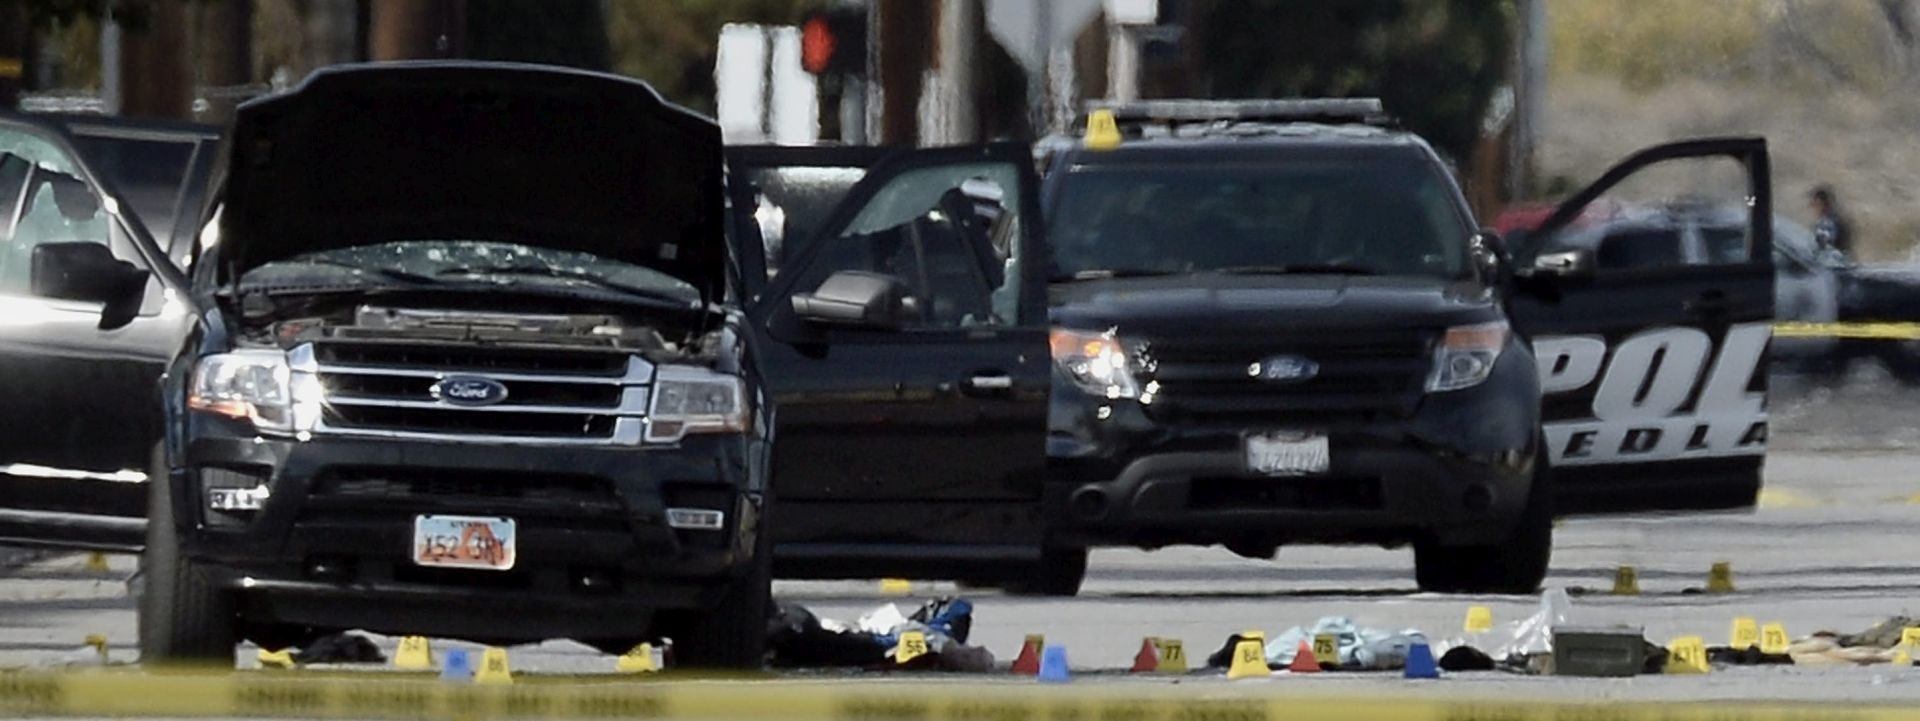 NEPOZNATI MOTIVI: Američke vlasti tragaju za vezama s militantima ubojica u Kaliforniji